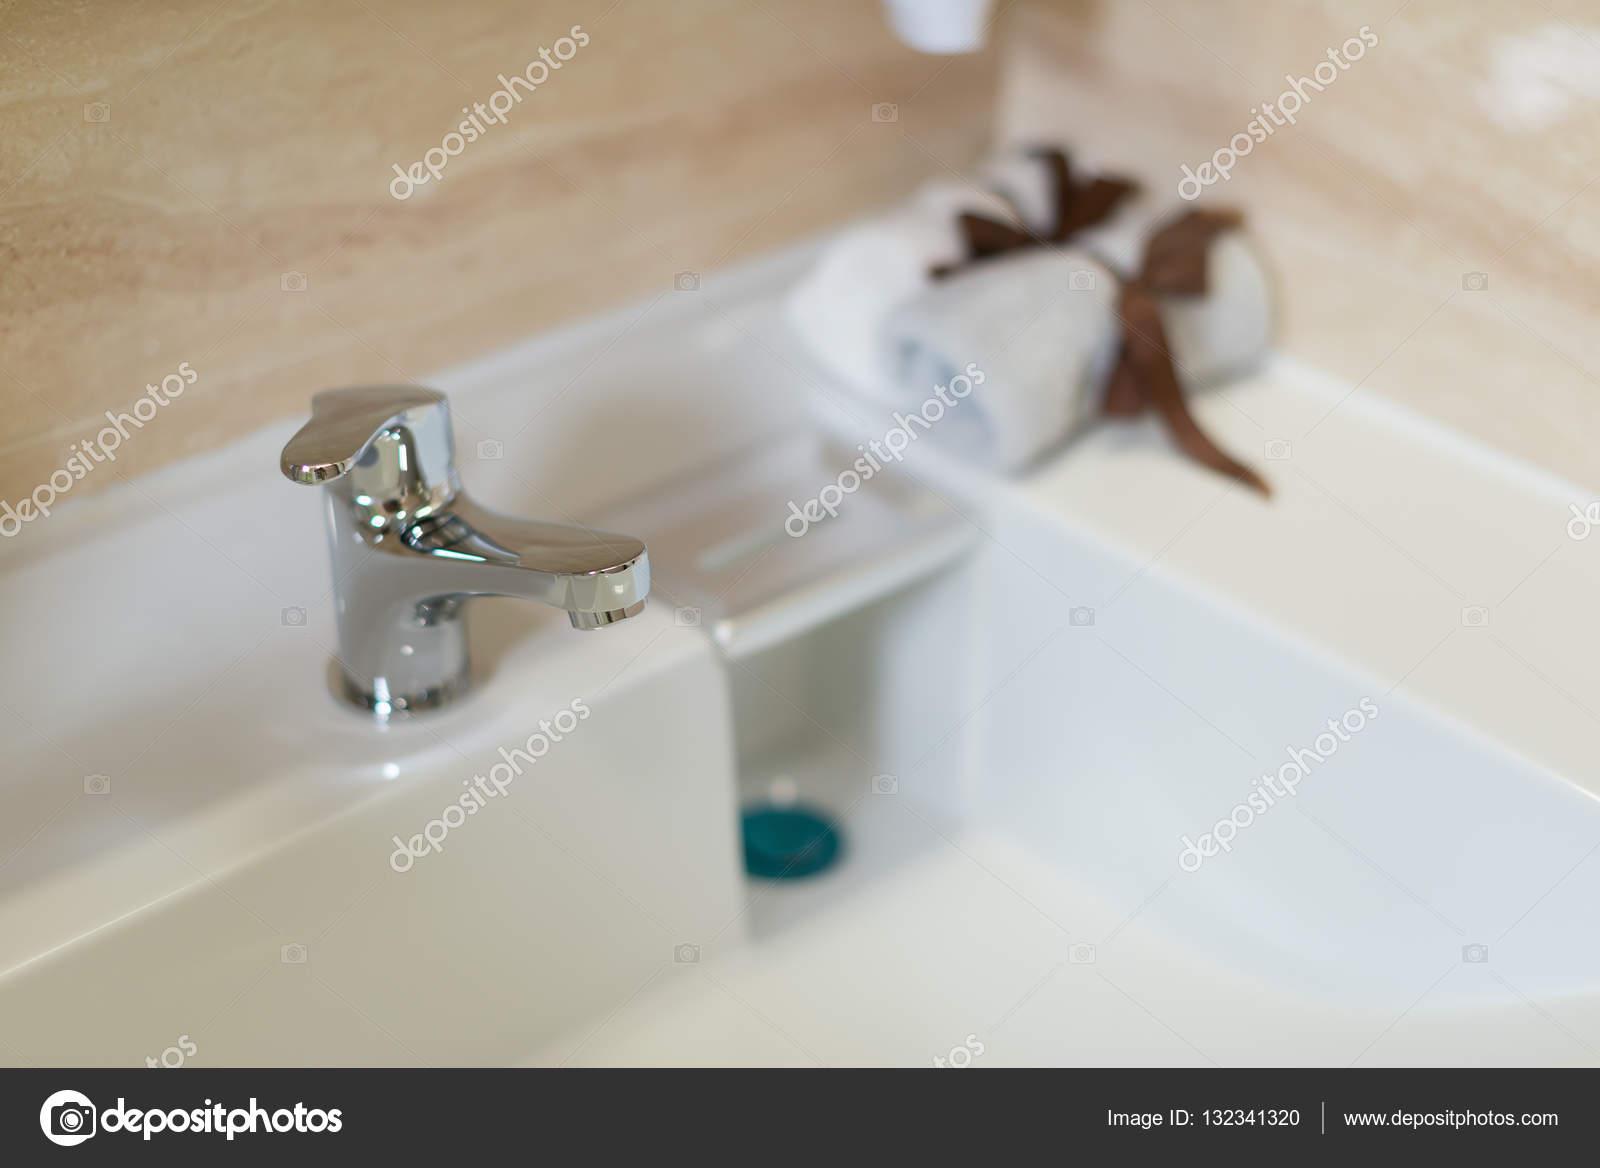 Lavabi In Acciaio Bagno.Rubinetto Per Lavabo E In Acciaio Inox Pulito In Un Bagno Foto